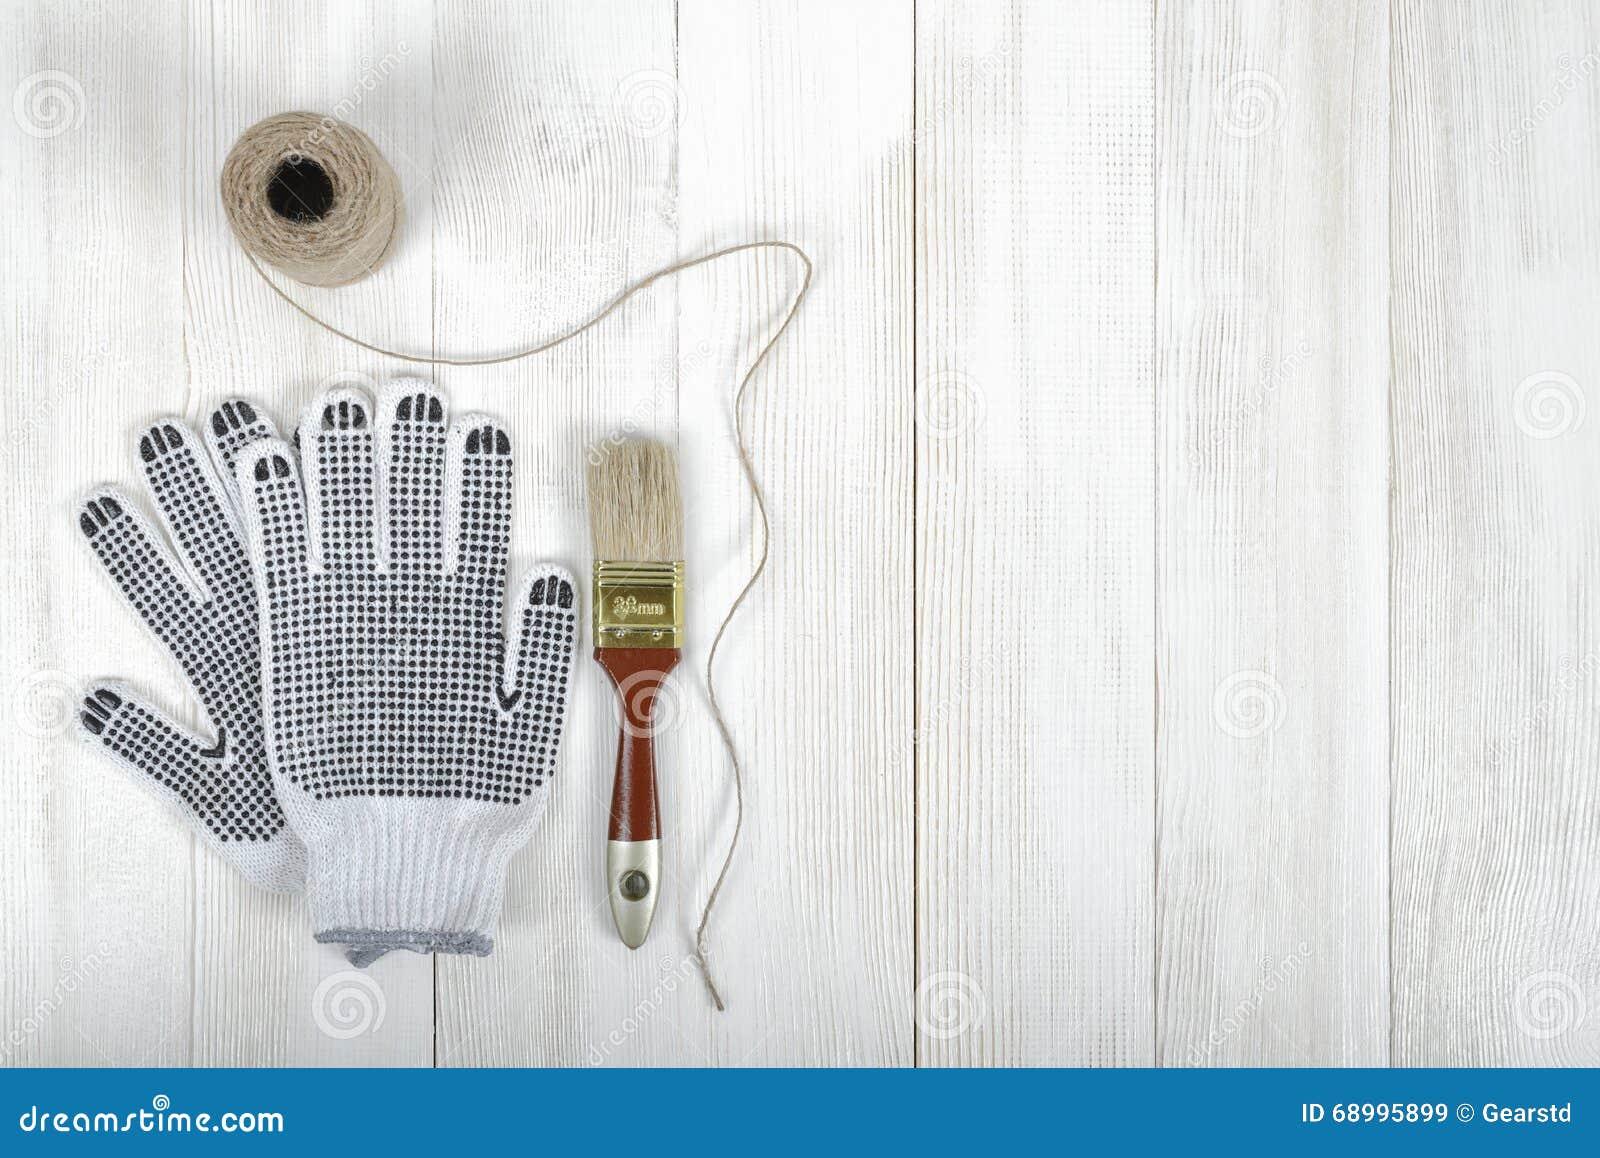 Atracción de la composición del arte de los guantes, del cepillo y de la guita mintiendo en la superficie de madera blanca